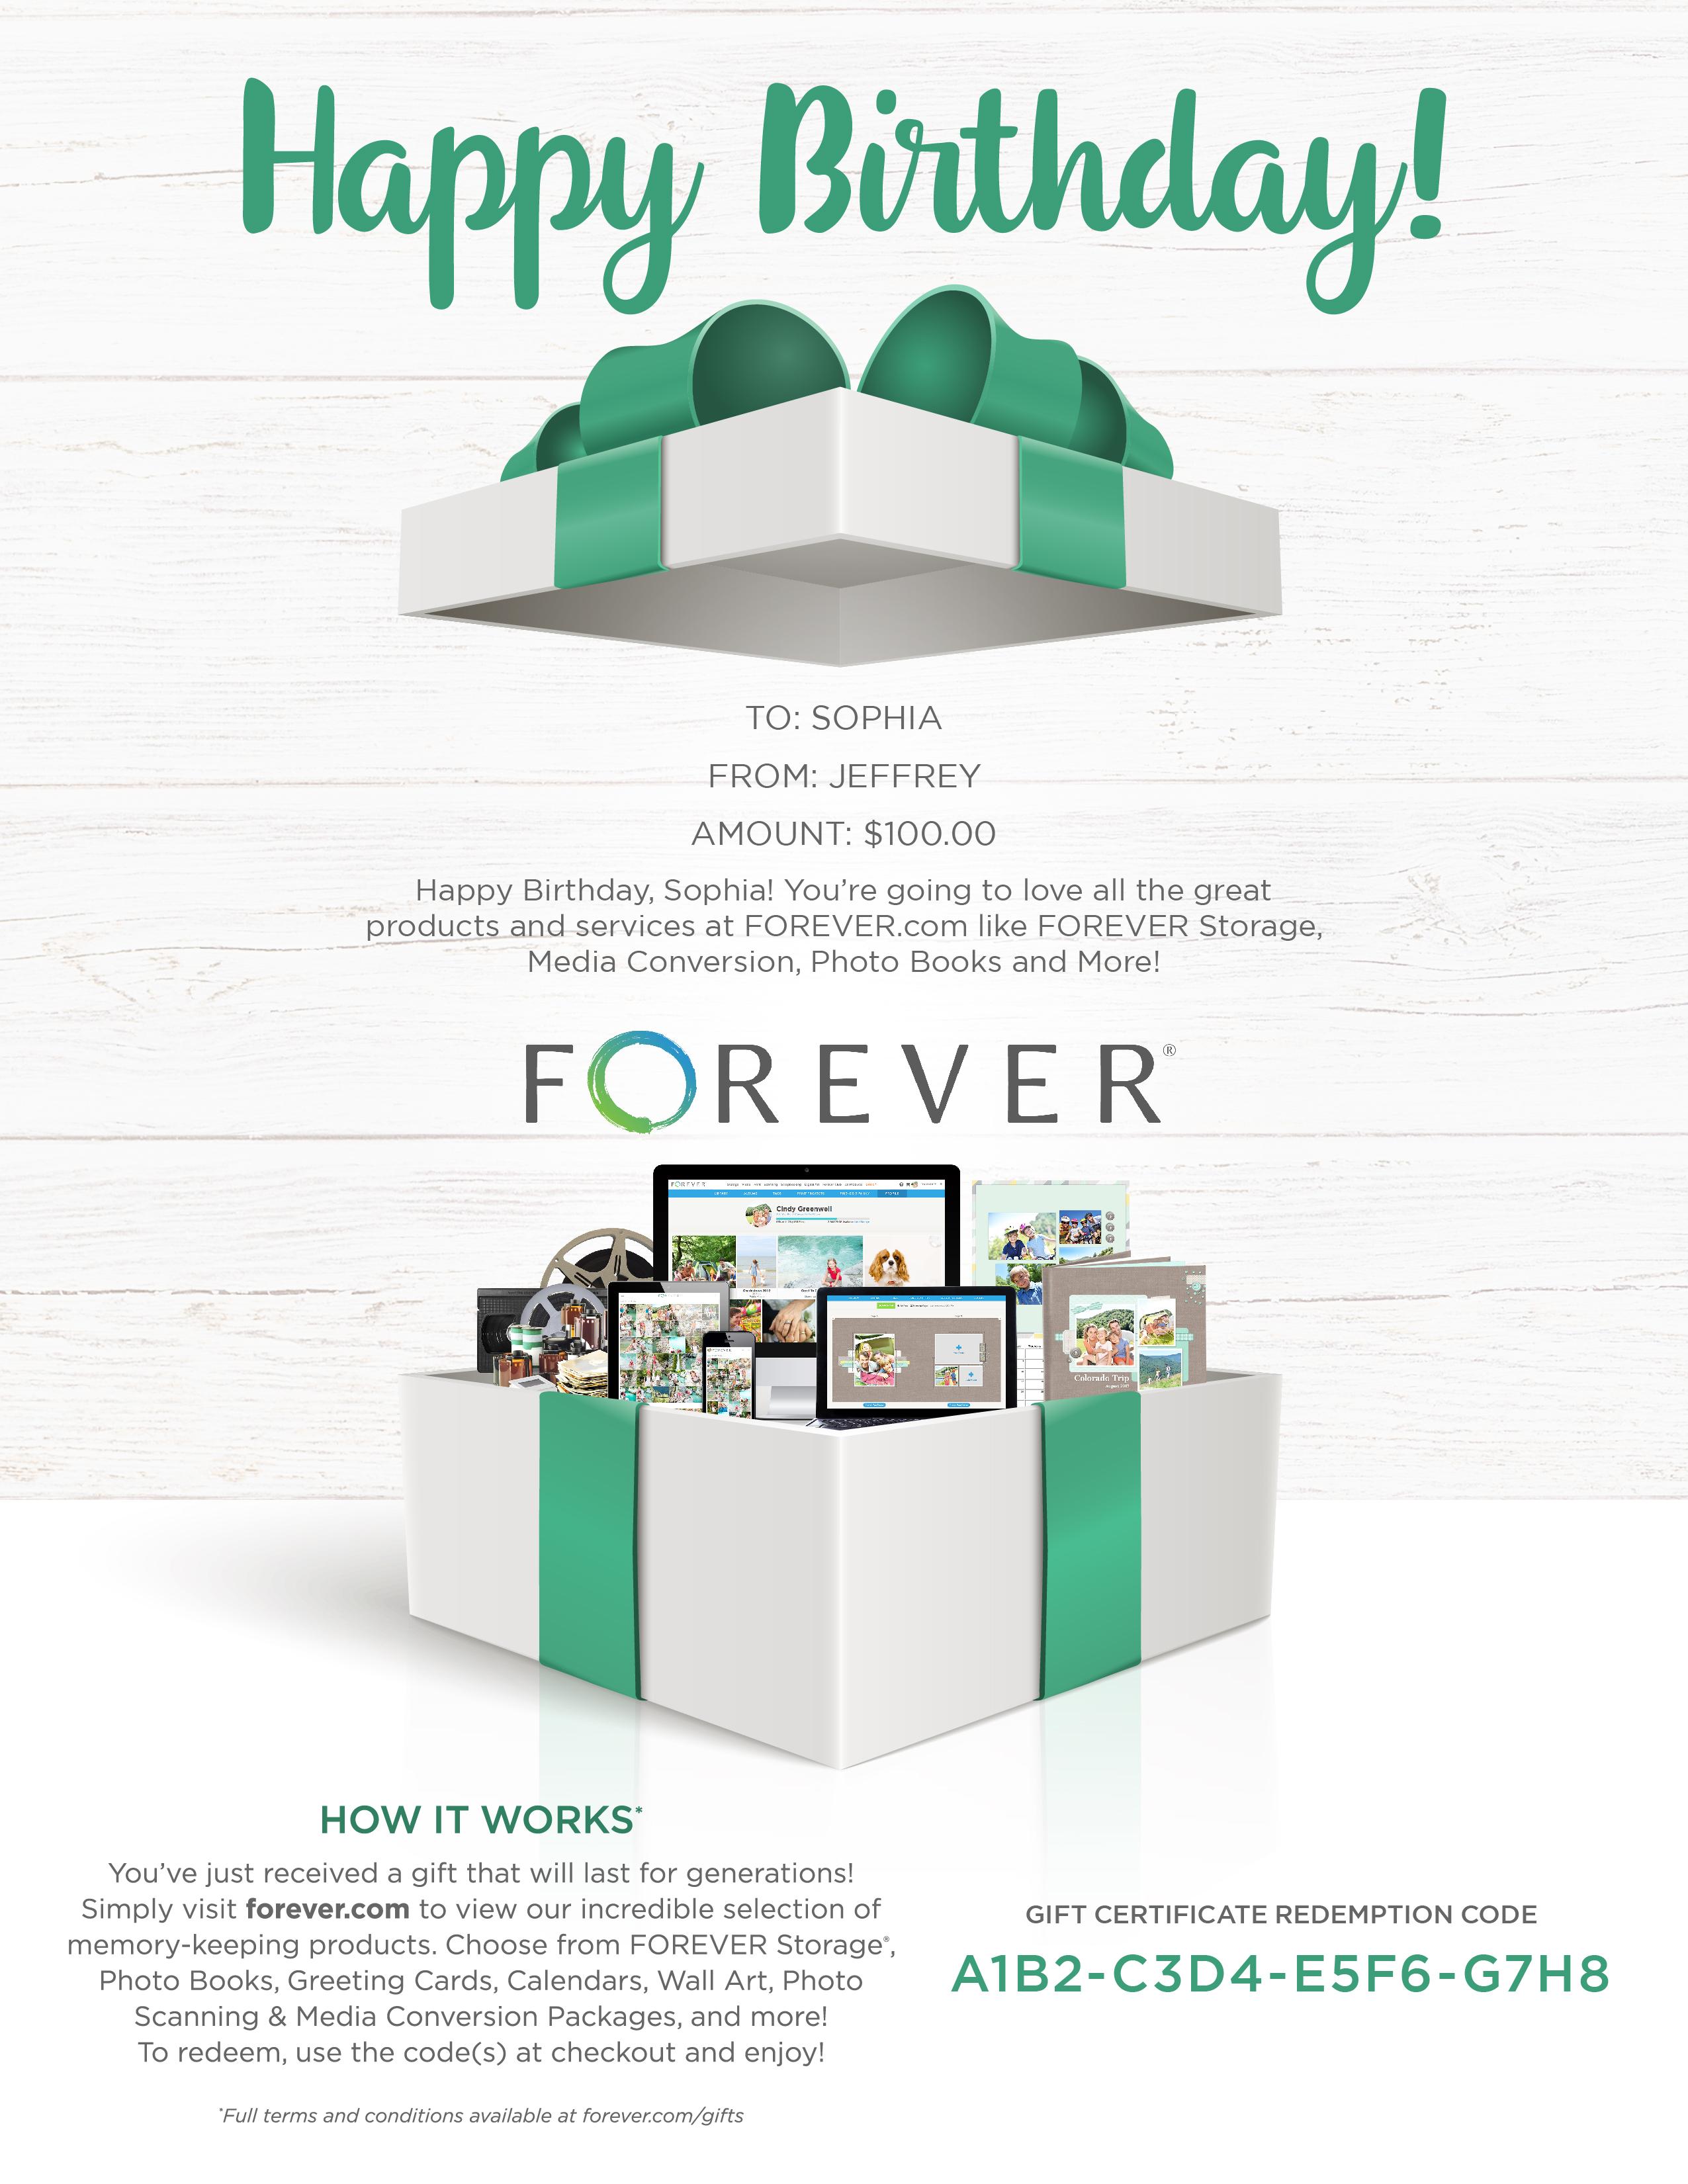 FOREVER Gift Certificate - Birthday Gift